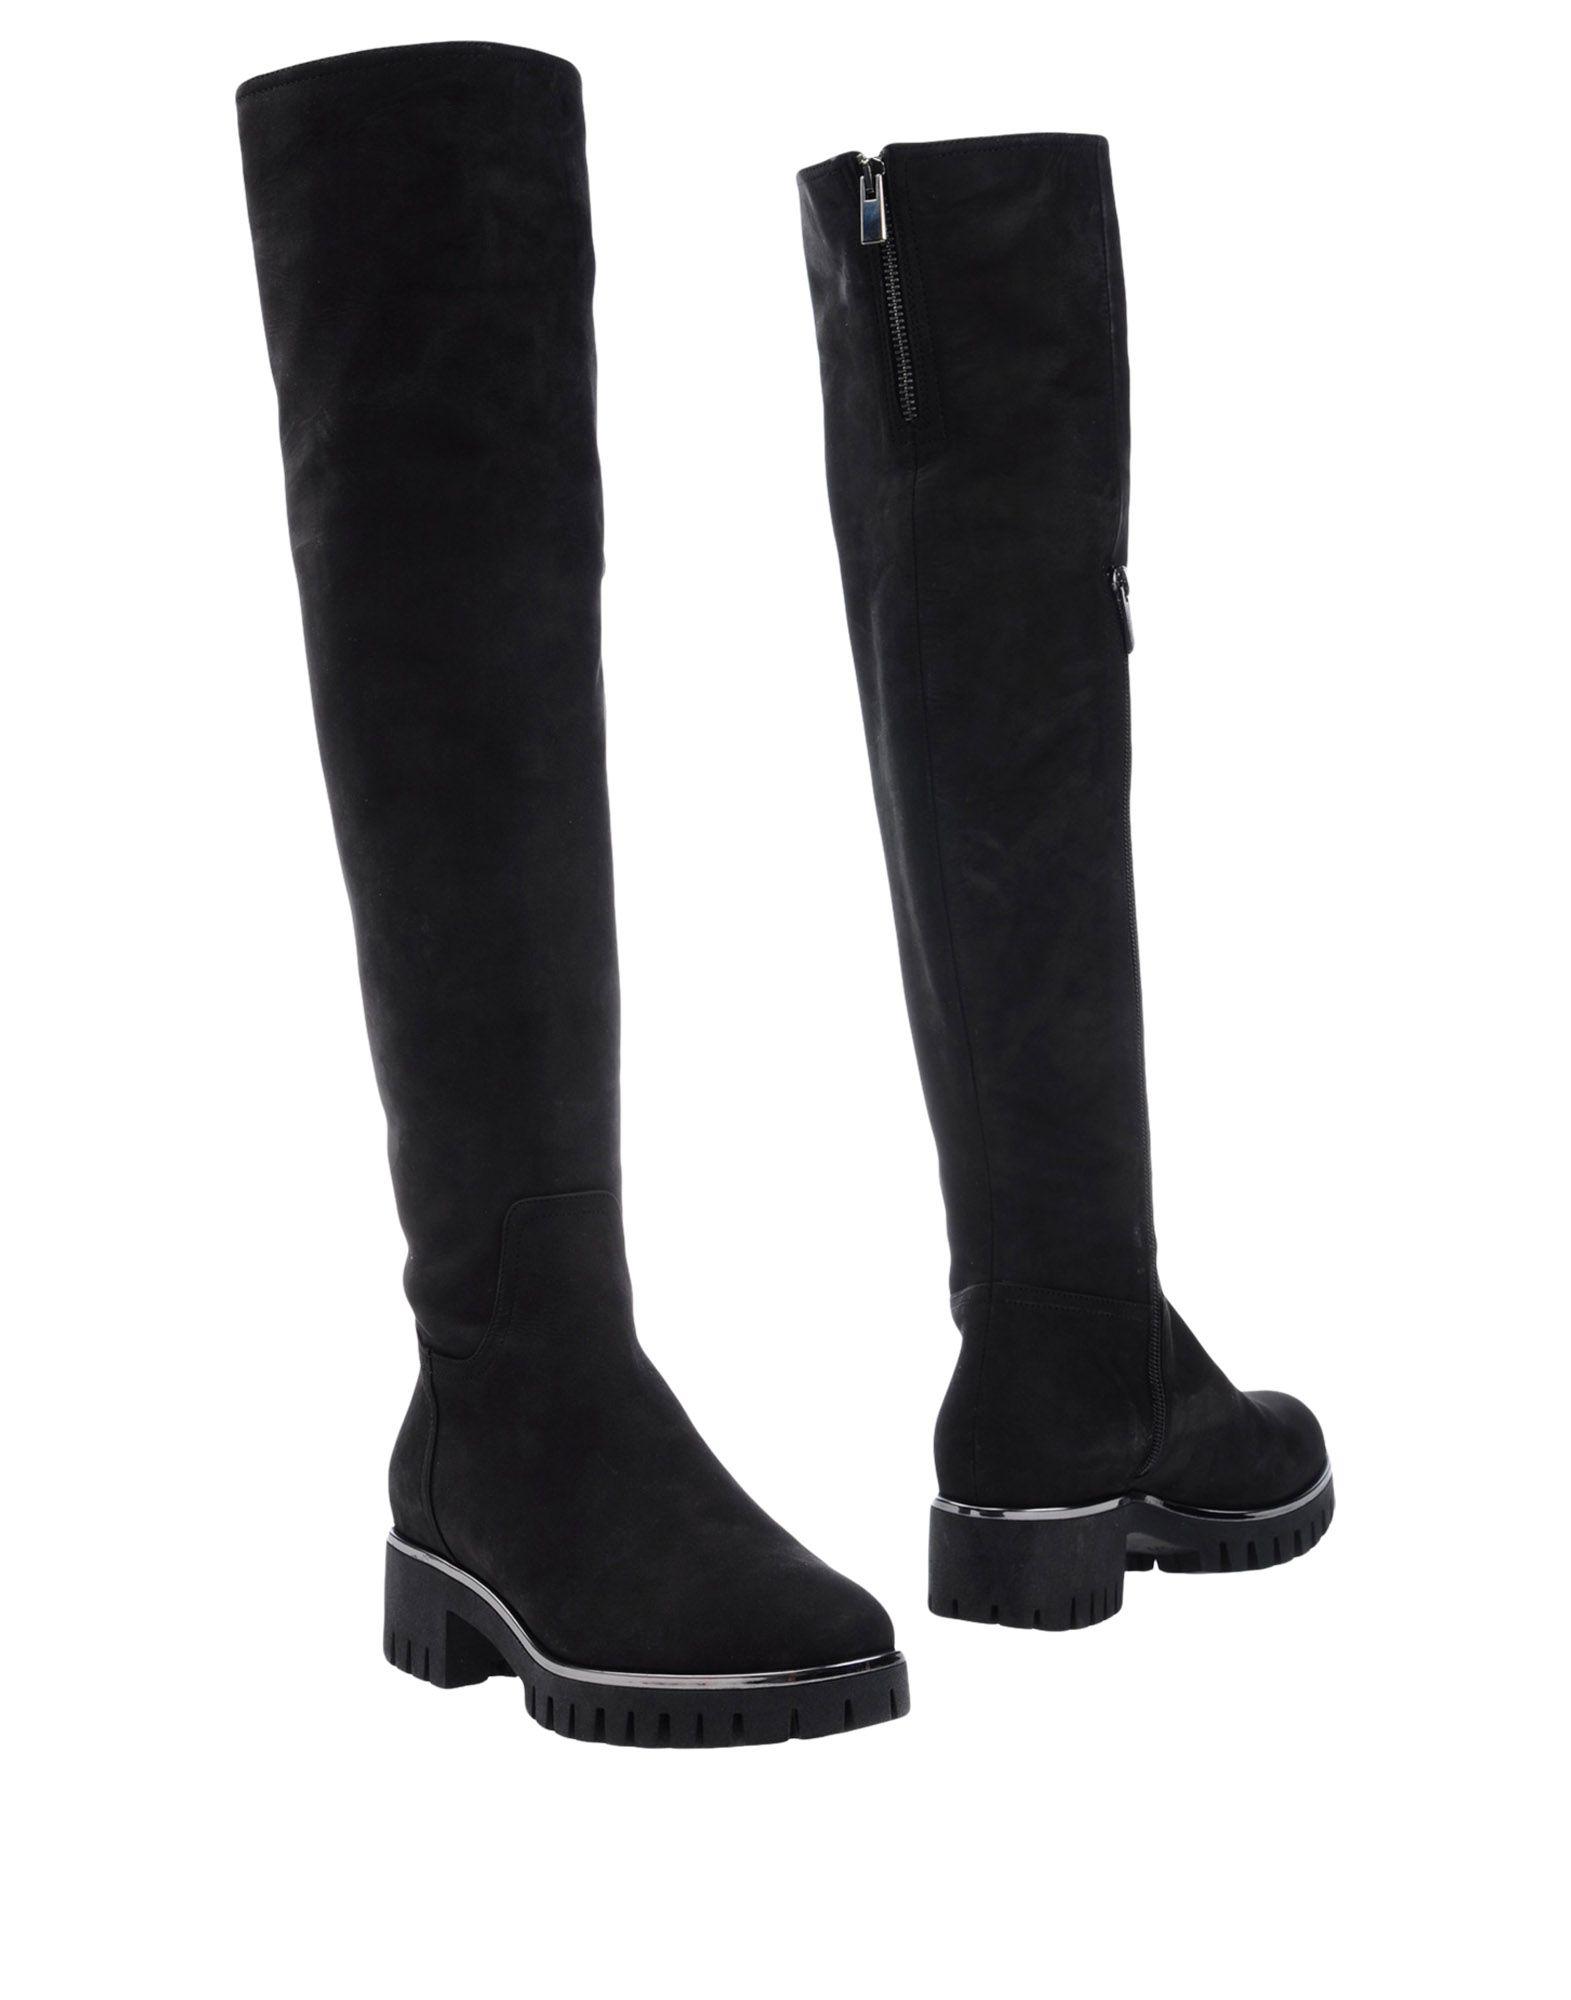 Loretta Pettinari Boots - Women Loretta Pettinari United Boots online on  United Pettinari Kingdom - 11252407XX f56a51